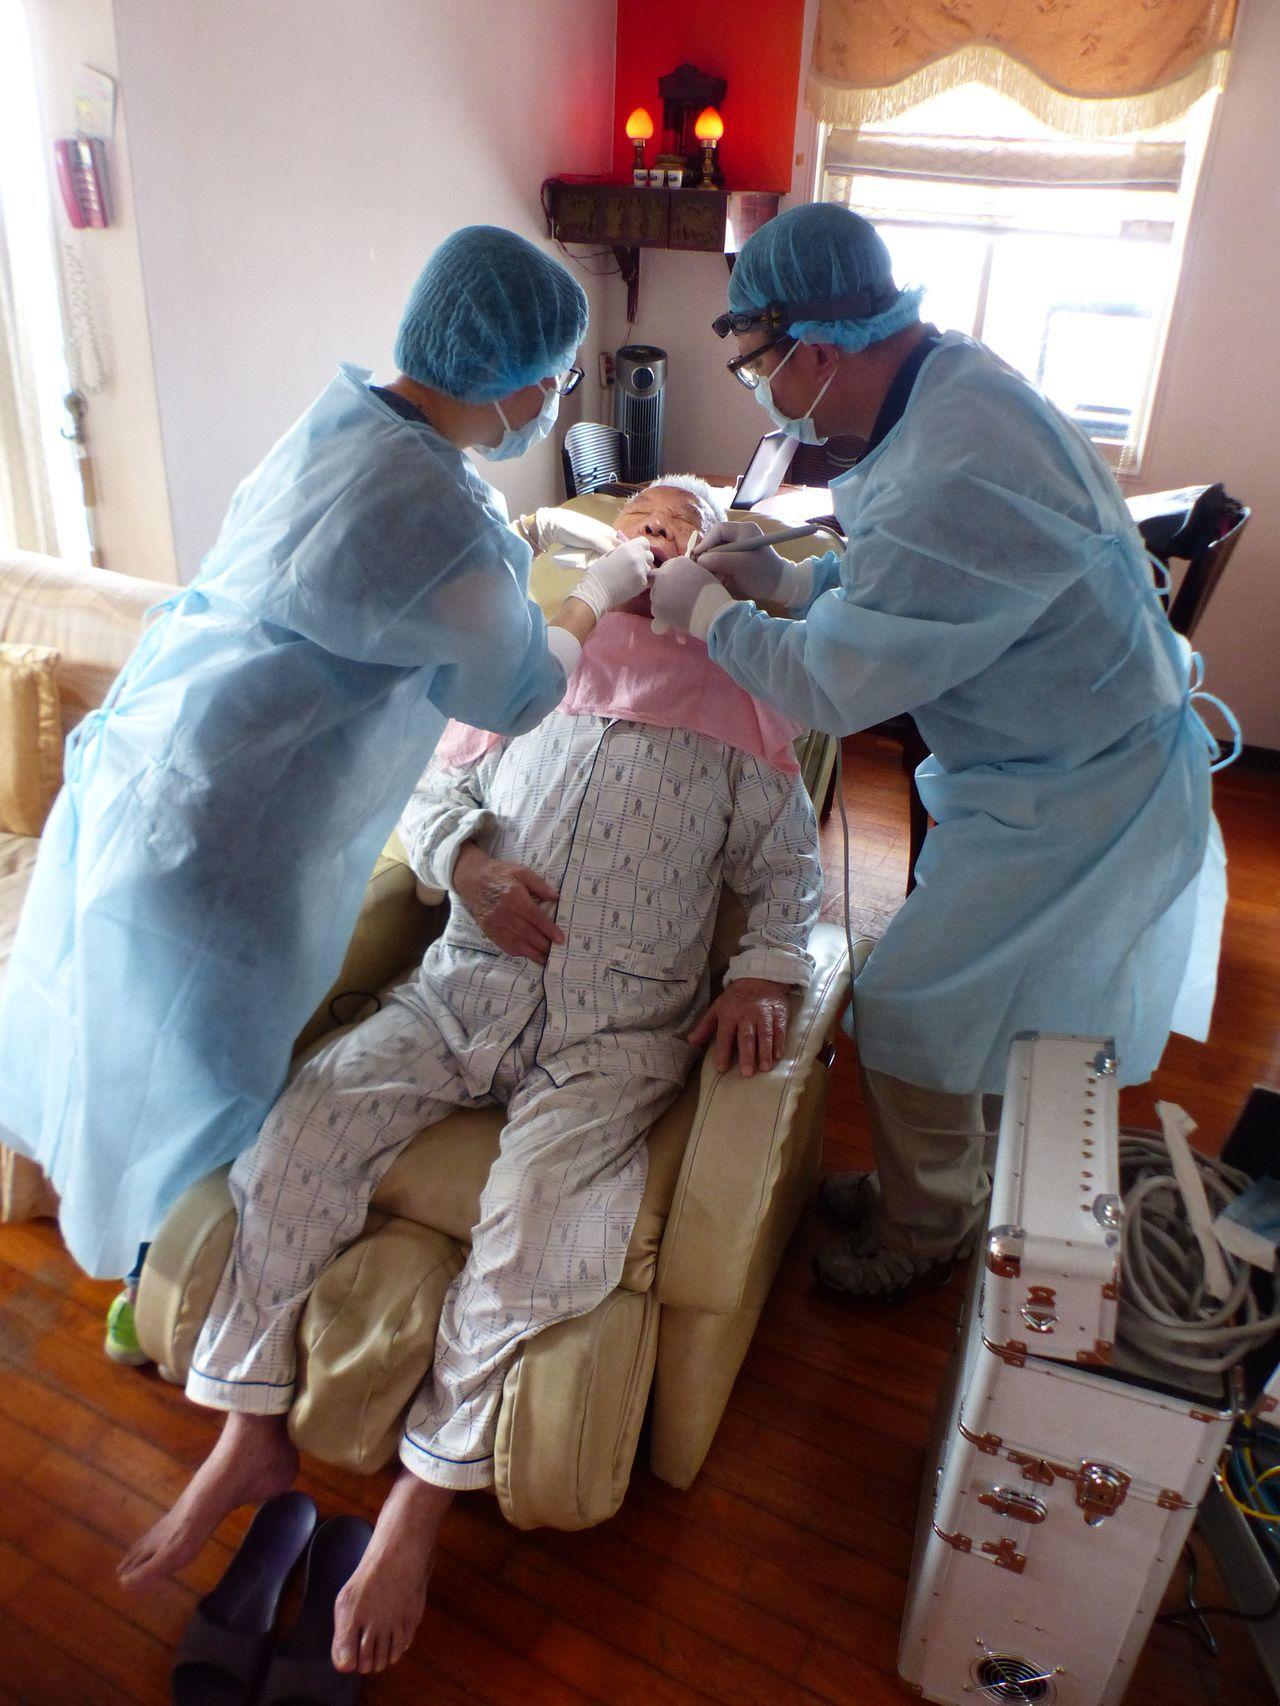 牙醫羅界山(右)與同是牙醫的妻子(左)在高姓老兵家中為他洗牙、診治。記者趙容萱/...